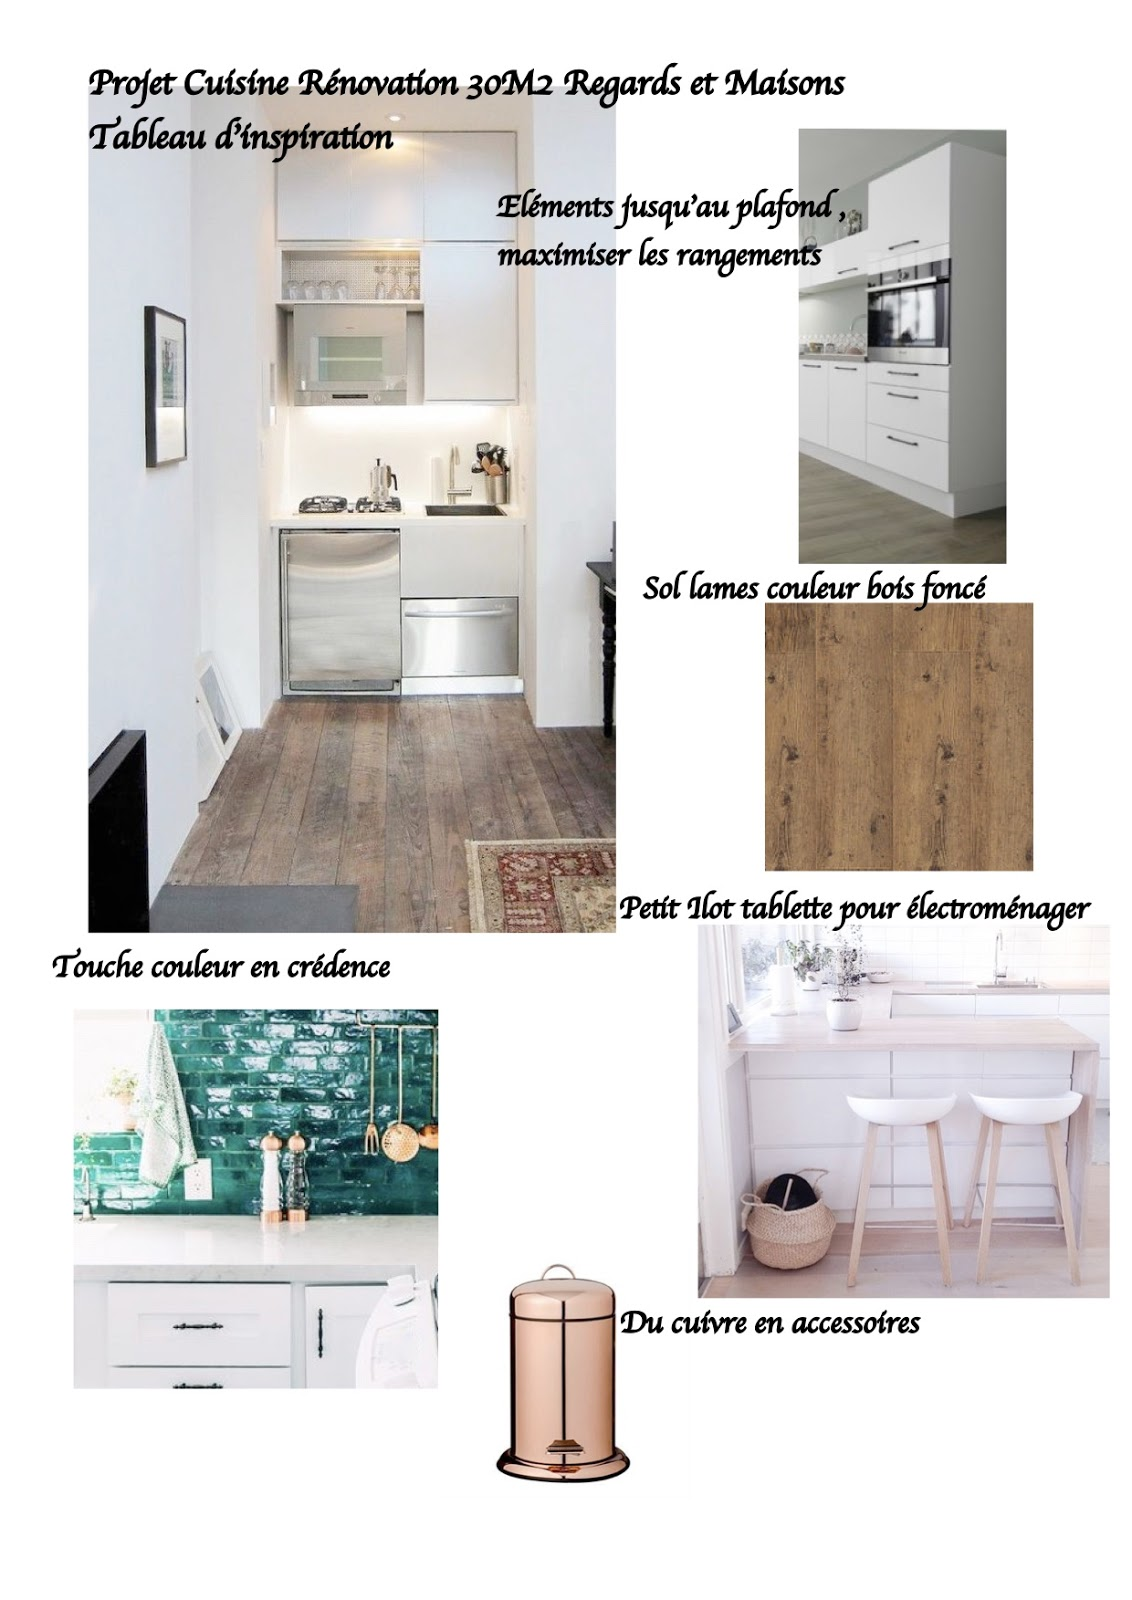 regardsetmaisons r novation mon projet cuisine petit budget pour petit espace. Black Bedroom Furniture Sets. Home Design Ideas